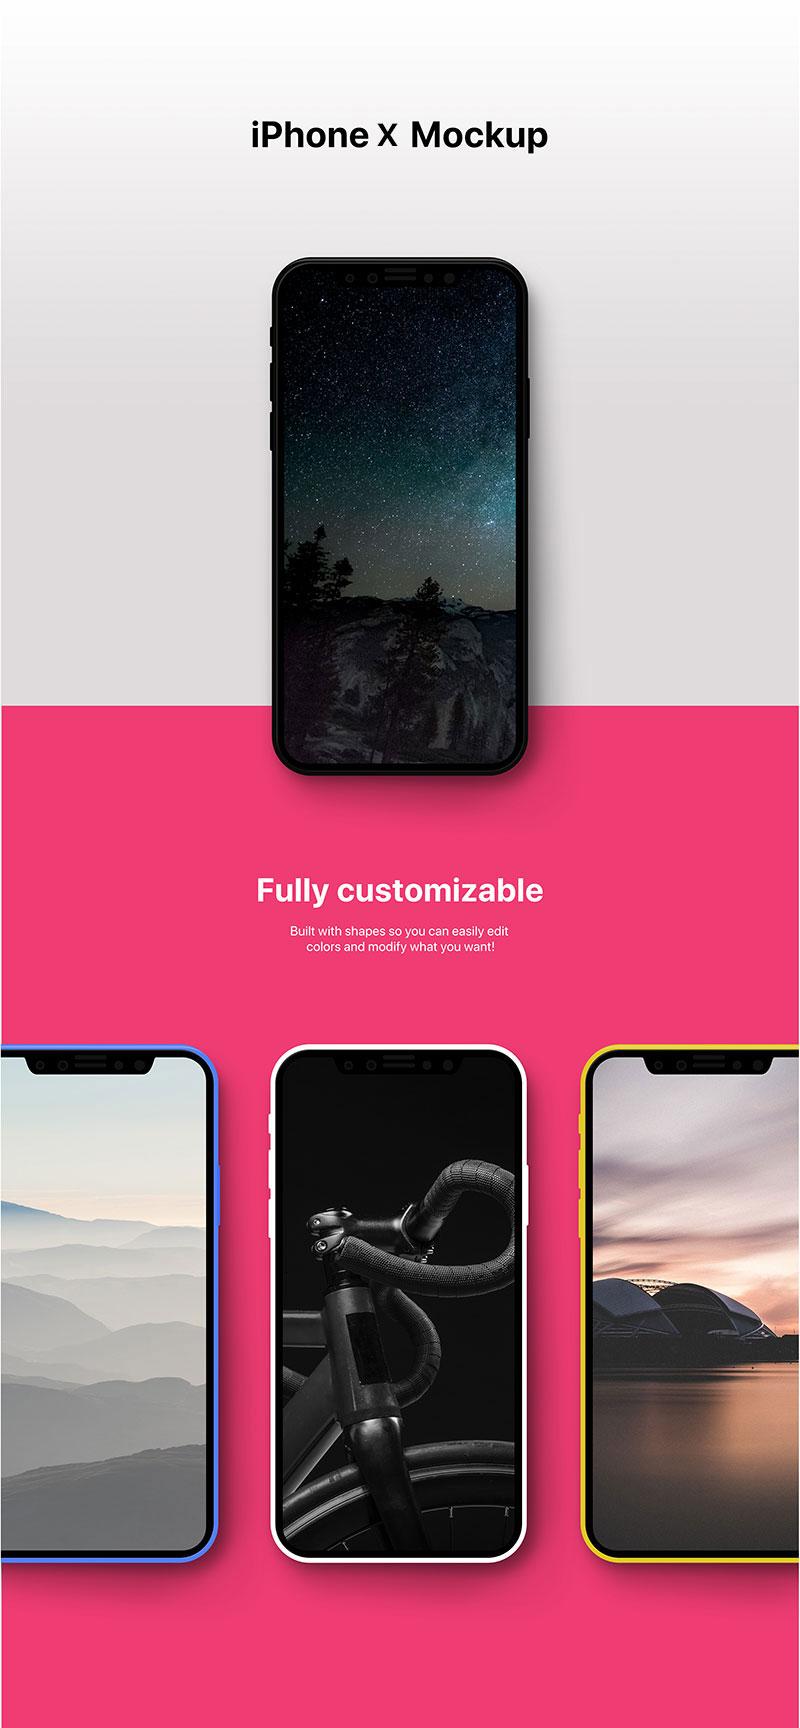 iphone X 手机模版,PSD源文件